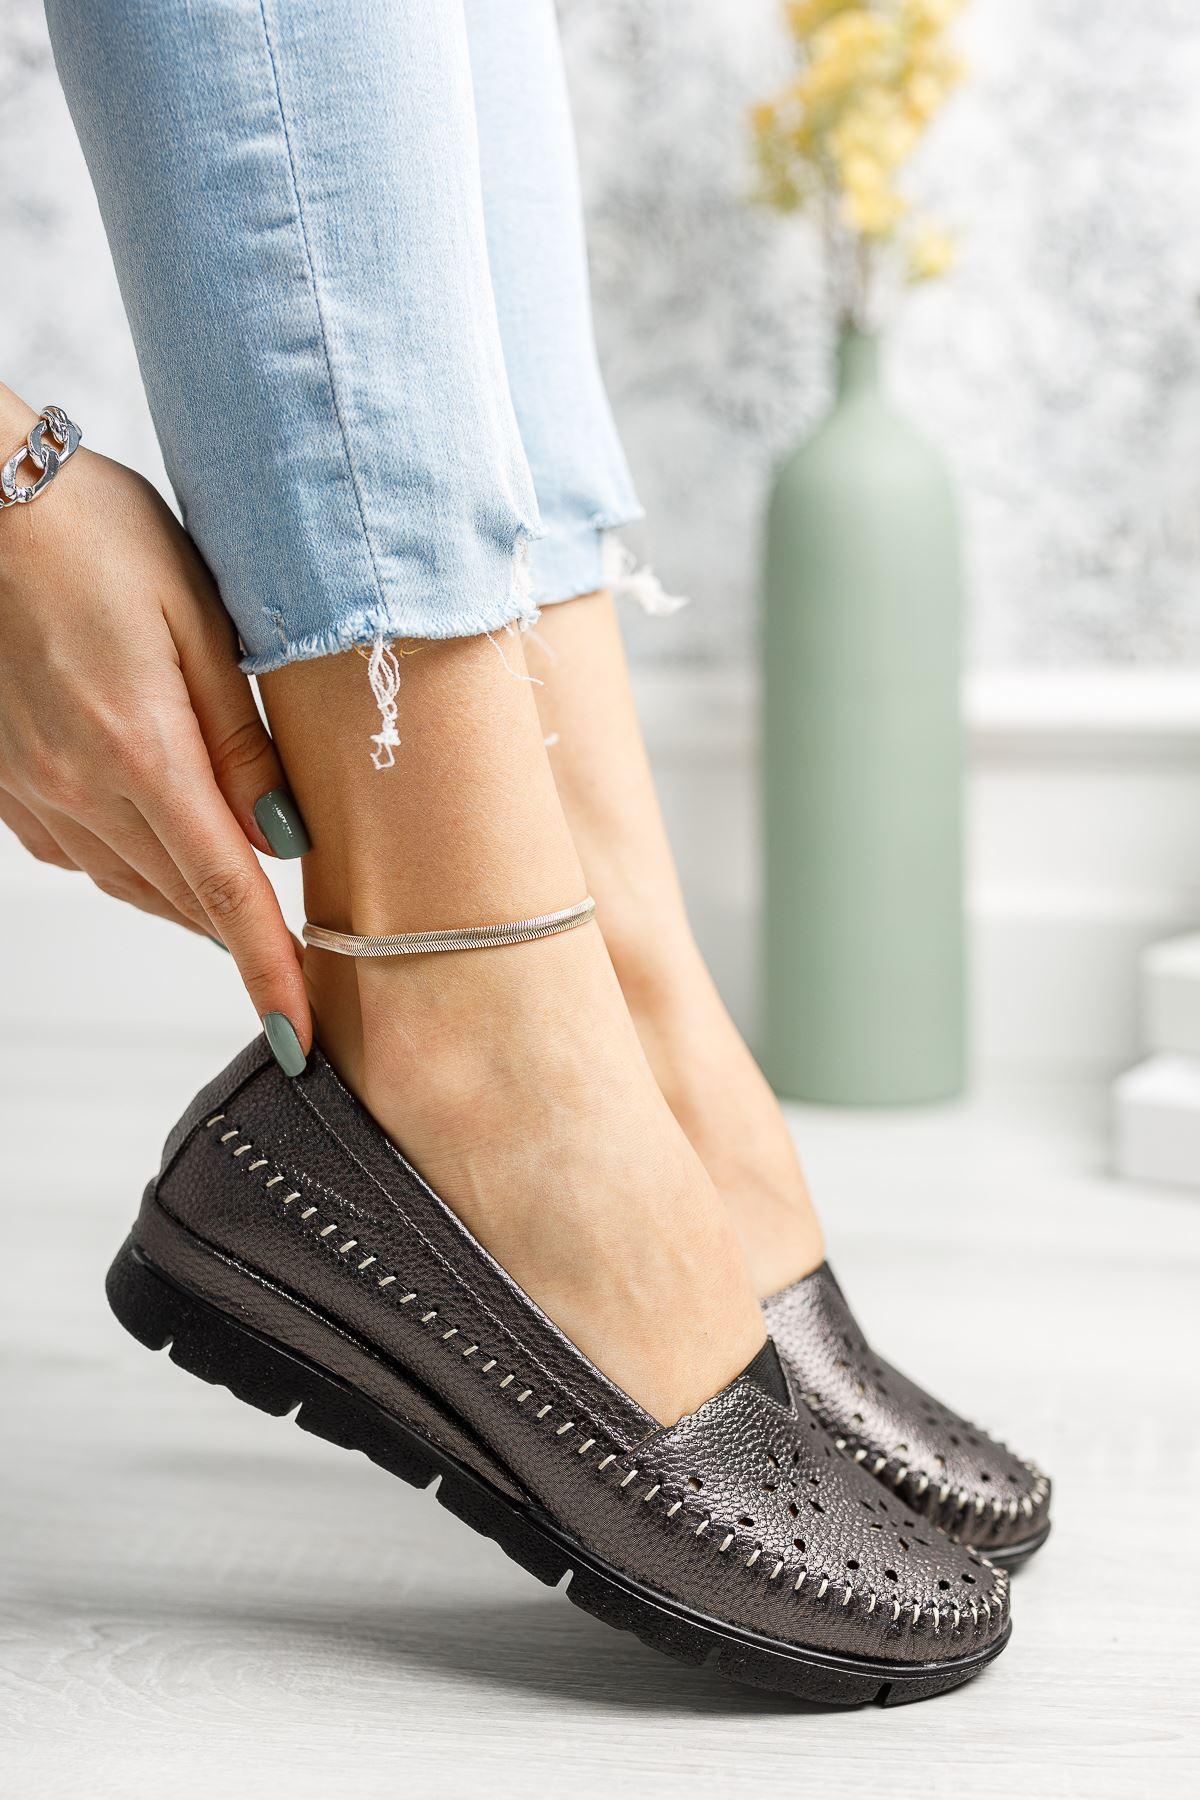 Ortapedik Pedli Platin Cilt Ayakkabı